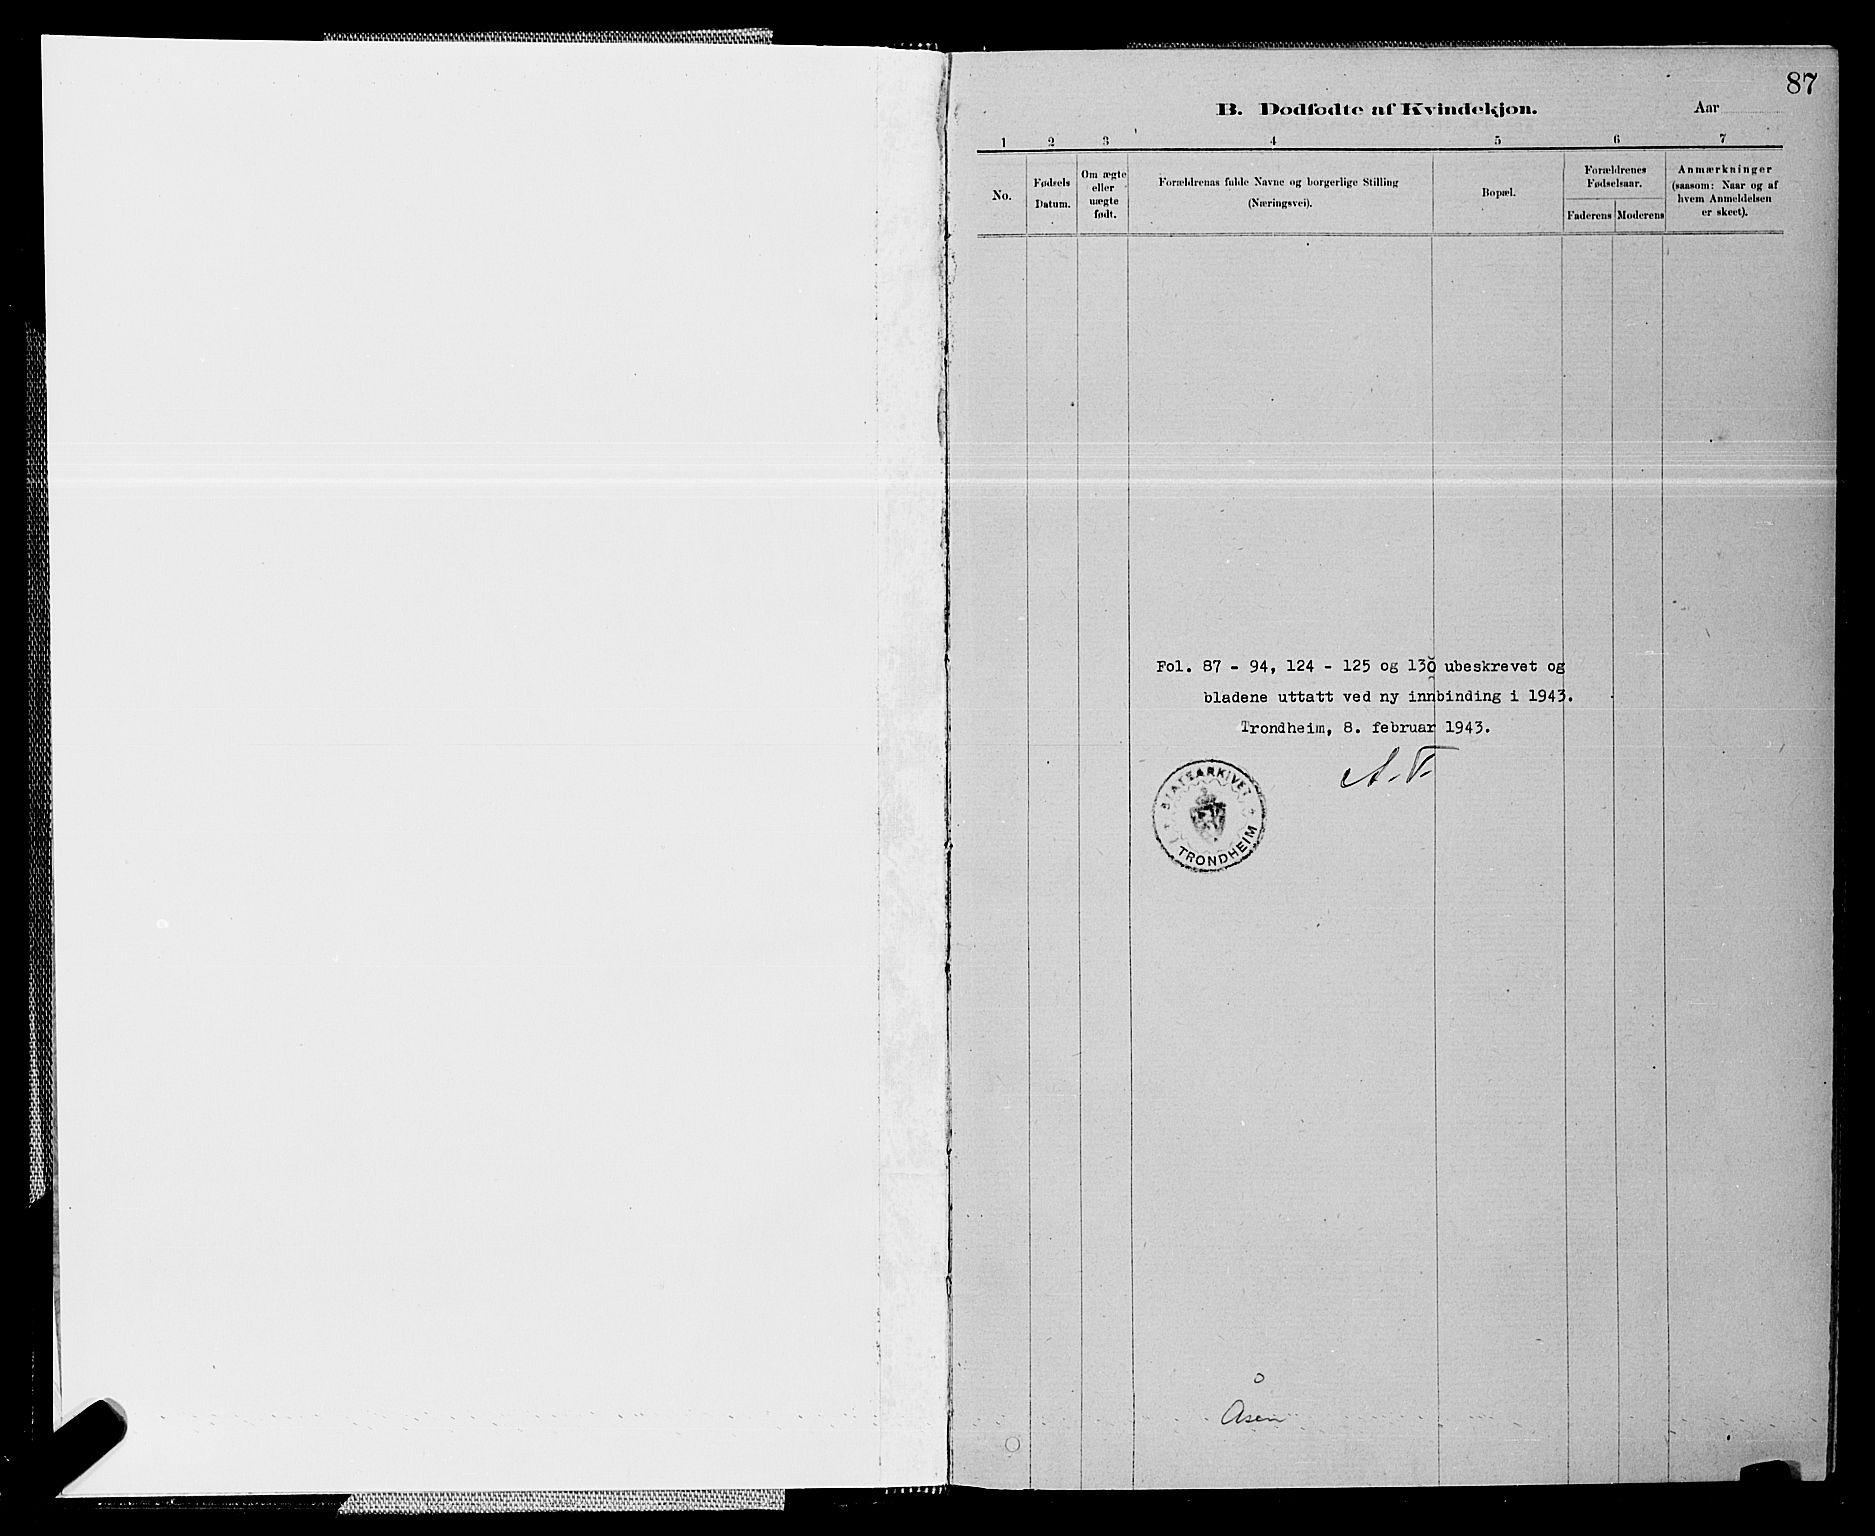 SAT, Ministerialprotokoller, klokkerbøker og fødselsregistre - Nord-Trøndelag, 714/L0134: Klokkerbok nr. 714C03, 1878-1898, s. 87